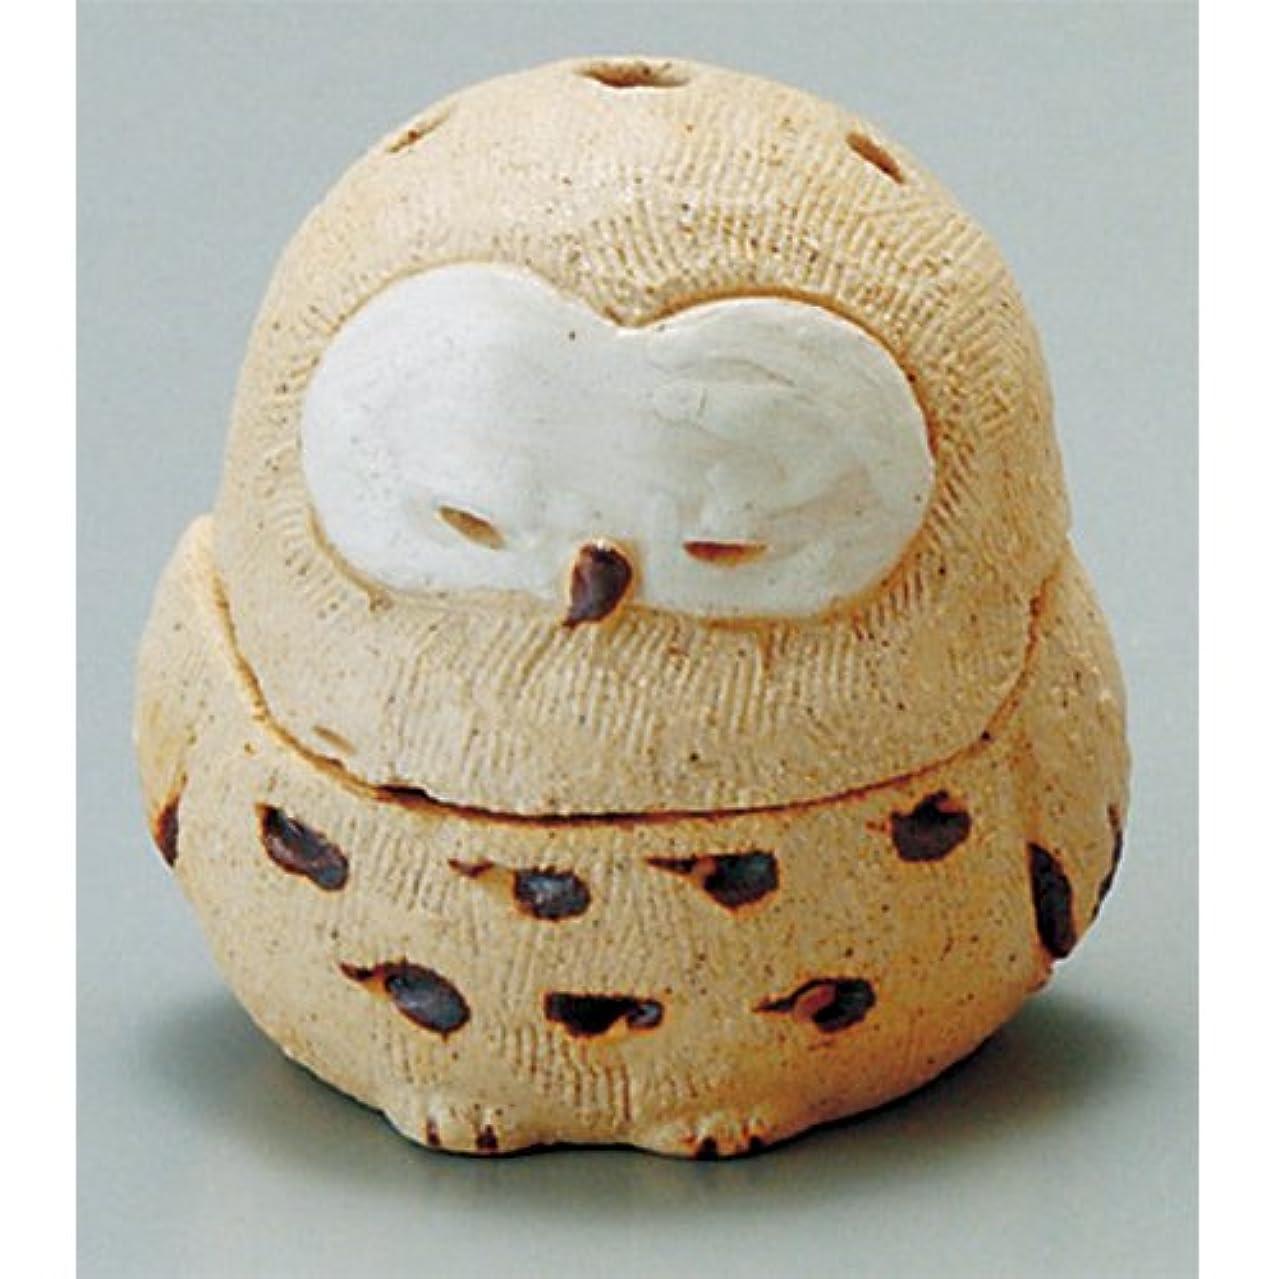 誓う略語傾向があります香炉 蔵ふくろう 香炉(大) [H10.5cm] HANDMADE プレゼント ギフト 和食器 かわいい インテリア